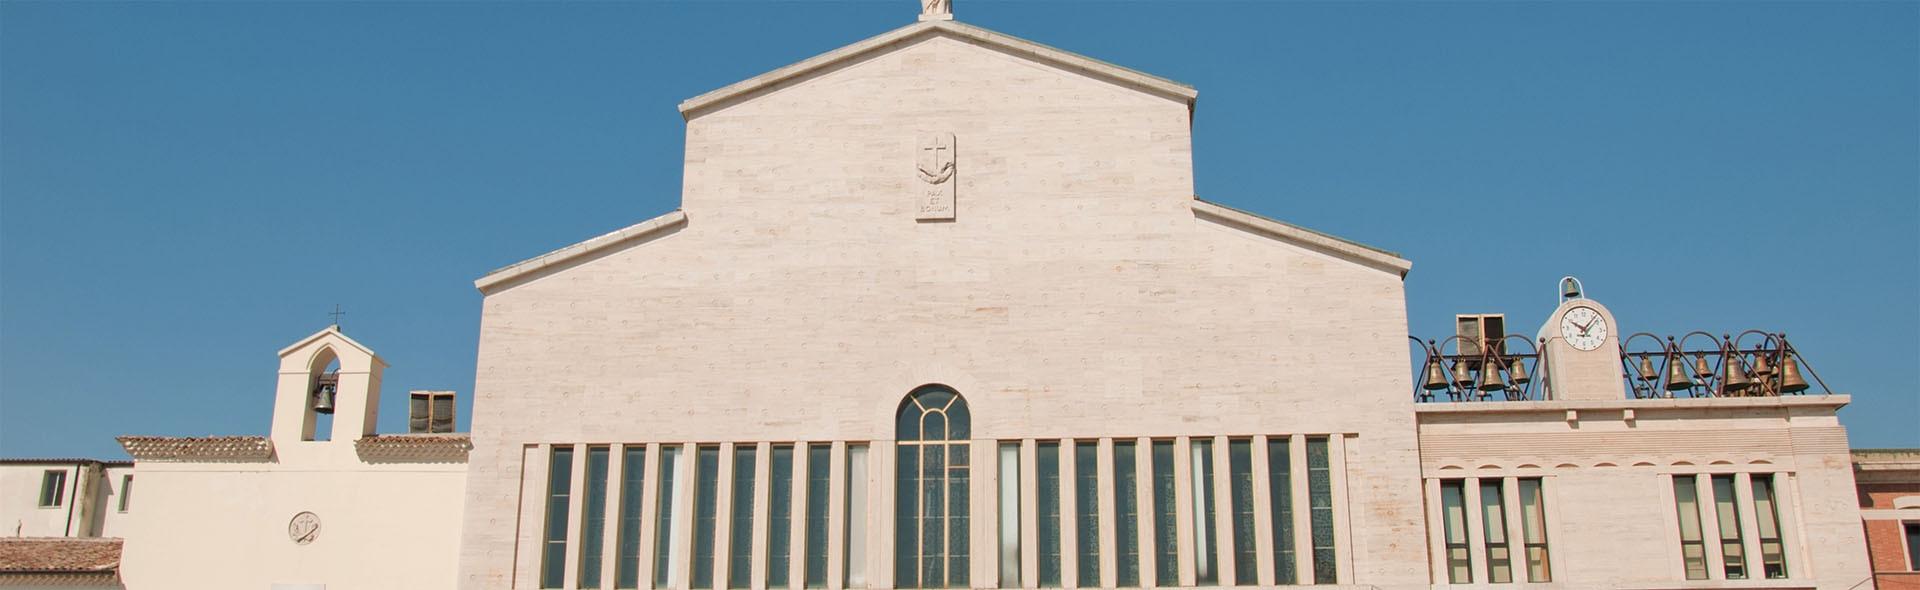 Pellegrinaggio Padre Pio da Palermo in Aereo Agosto